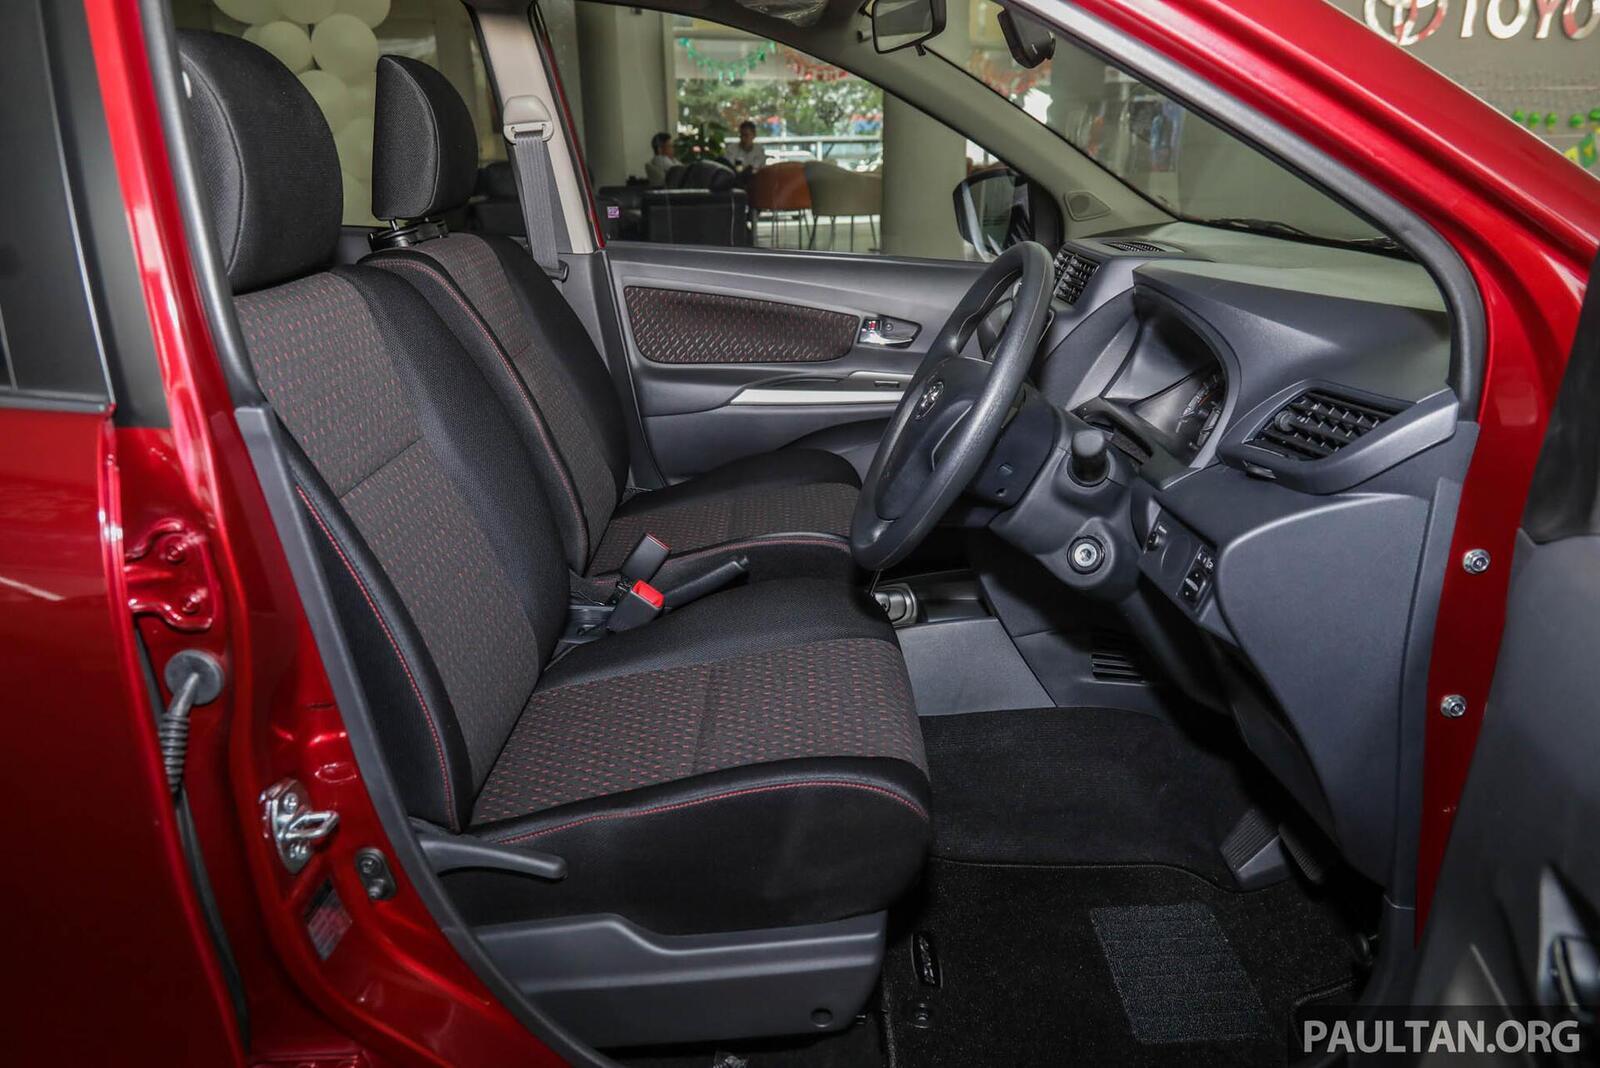 Xpander ''làm mưa làm gió'', Ertiga mới khuấy động phân khúc: Avanza facelift bao giờ về Việt Nam? - Hình 13